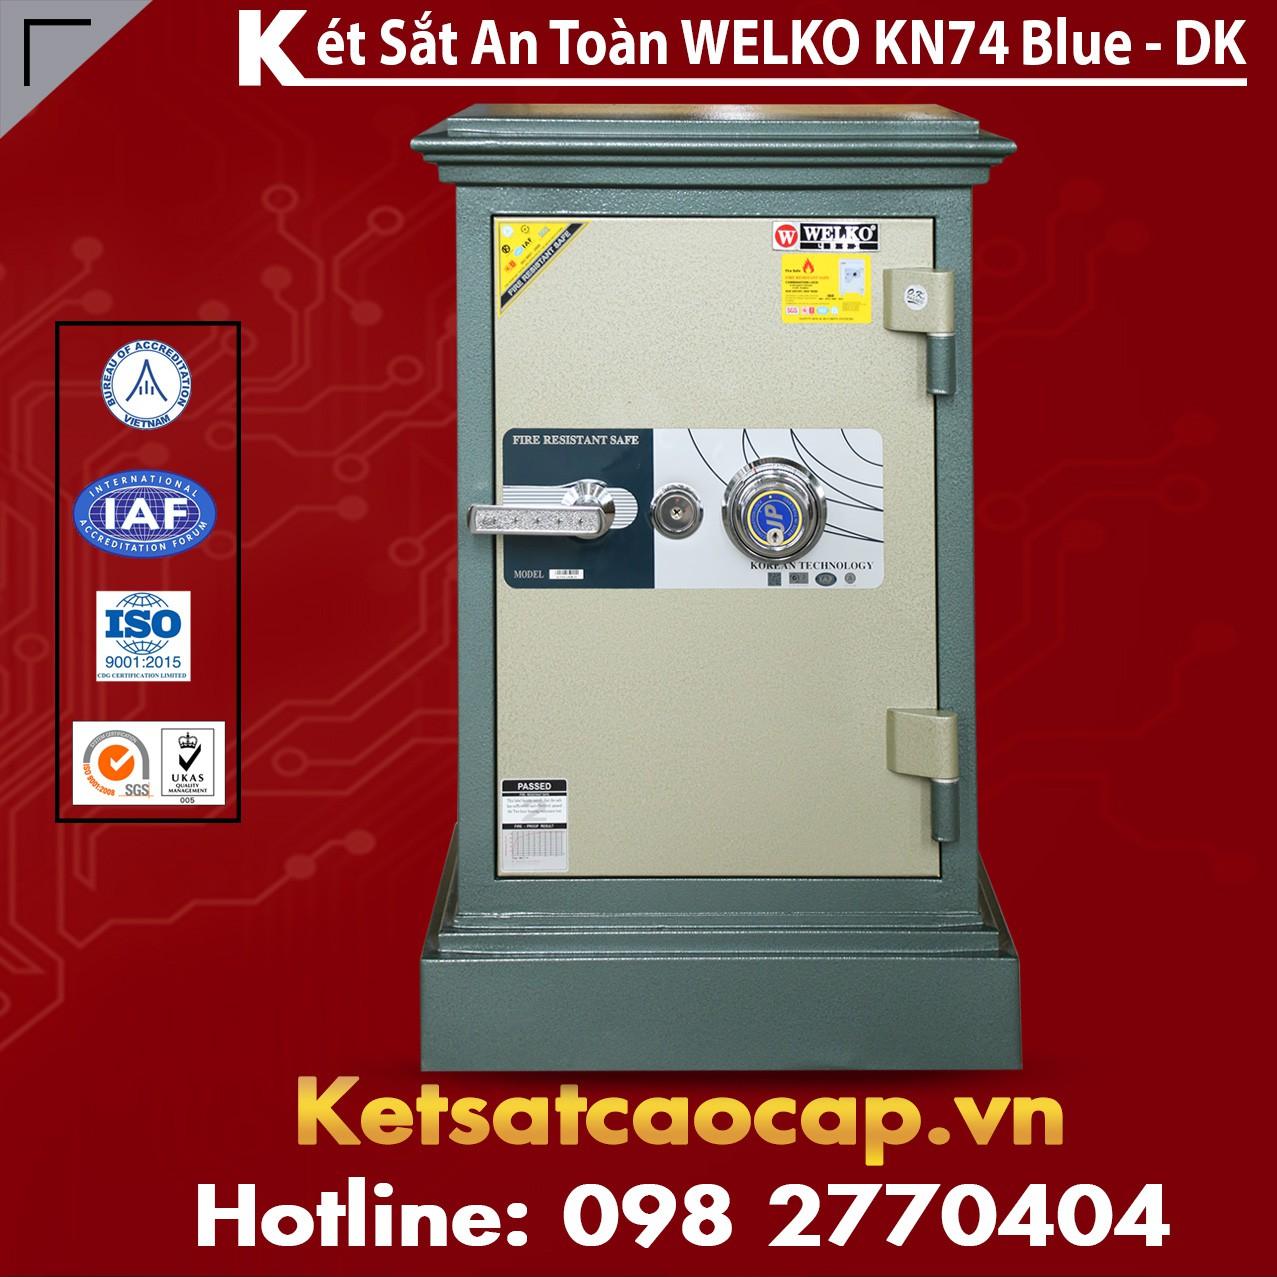 Két Sắt Thanh Hóa WELKO KN74 BLUE - DK